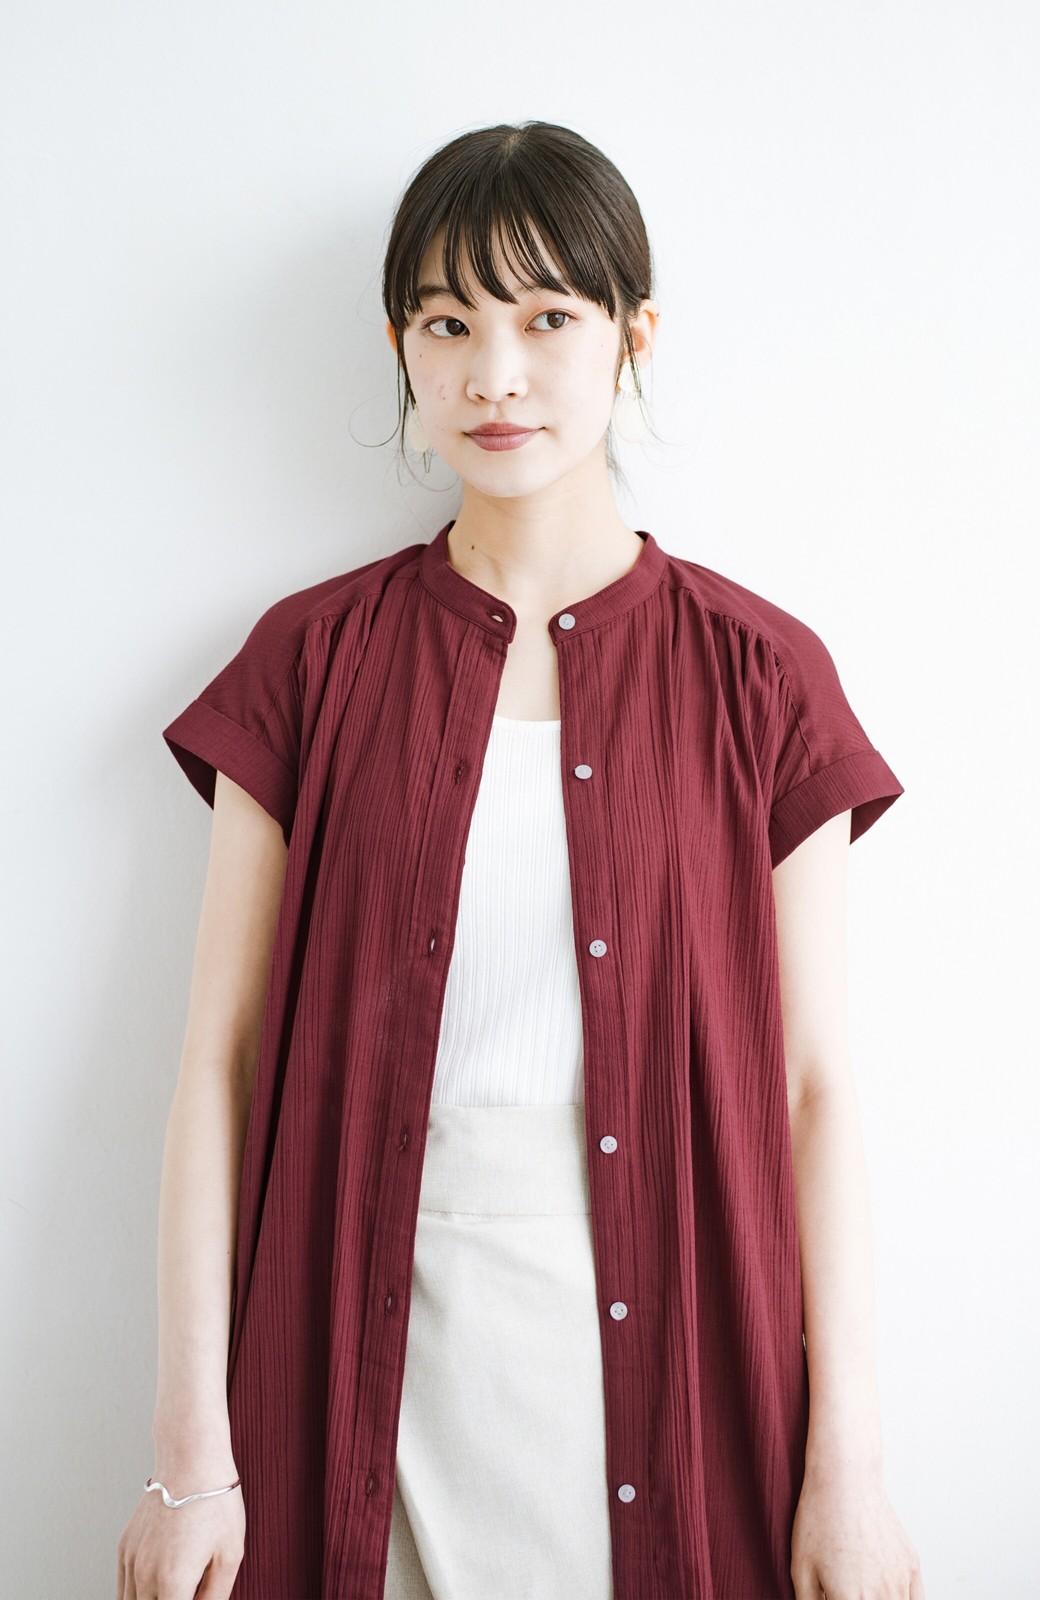 haco! バレずにとことん楽できる 羽織りとしても使える軽やかシャツワンピース <レッド>の商品写真6